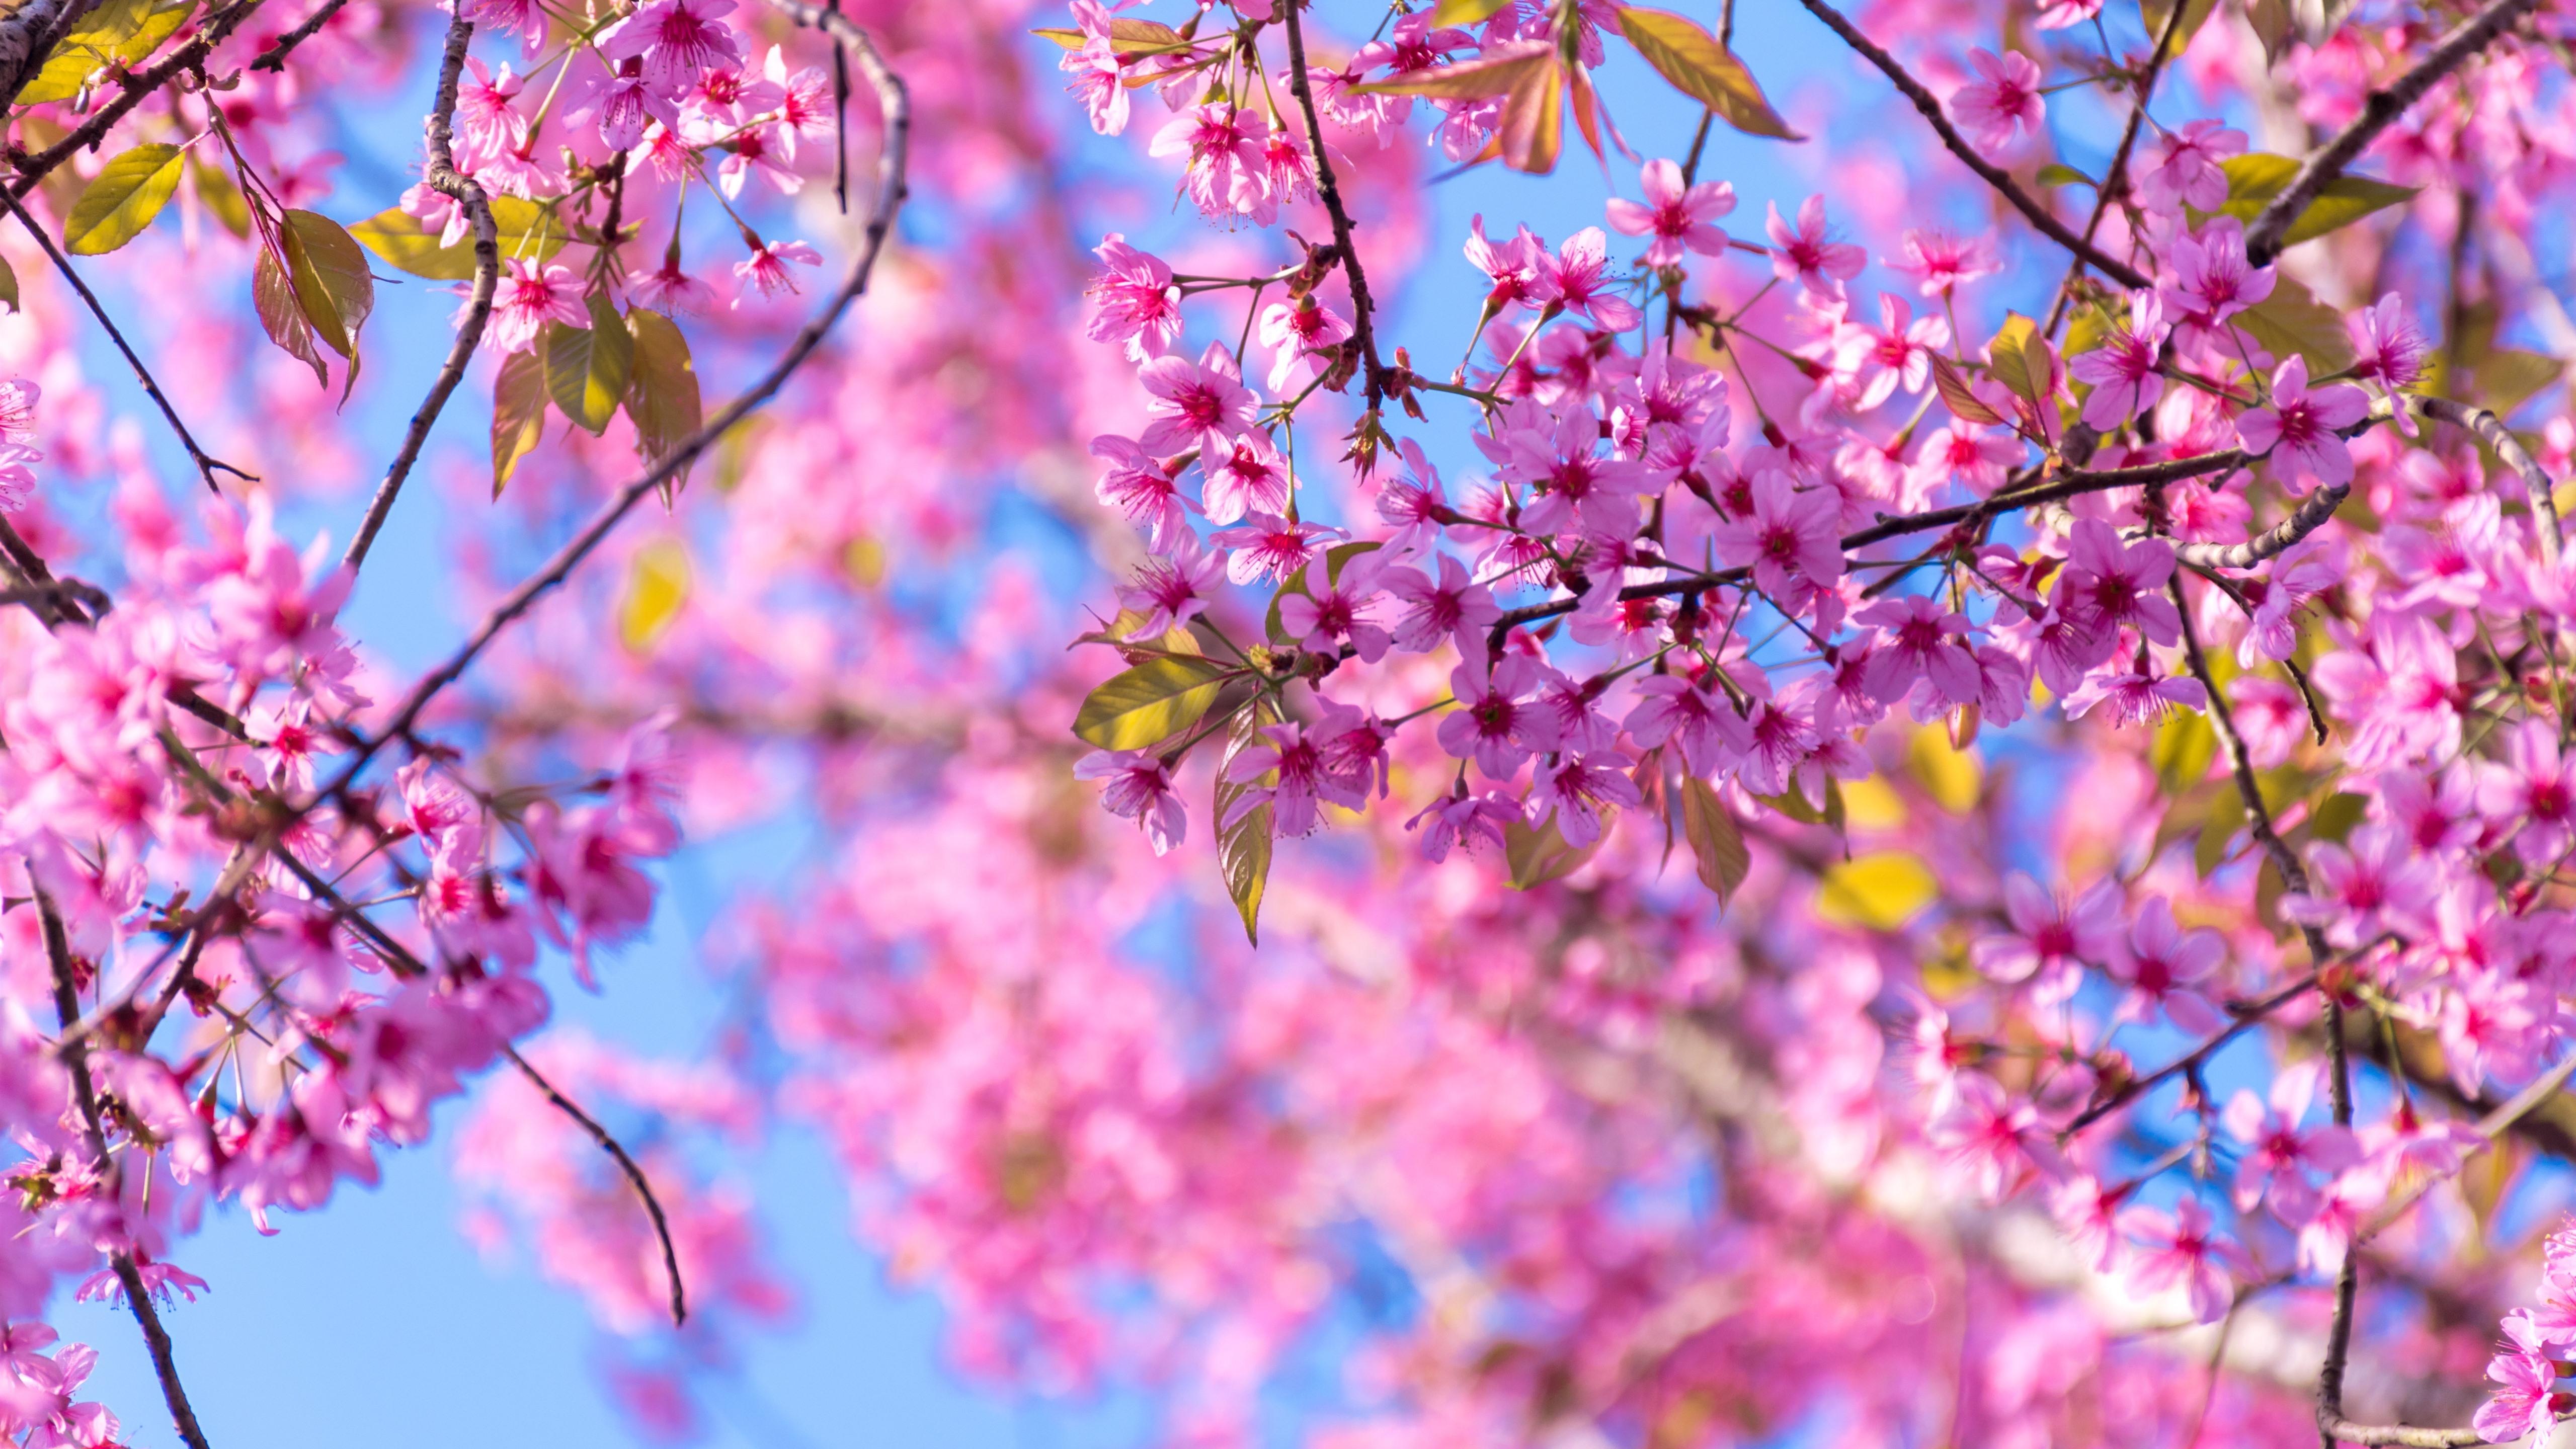 Planos De Fundo Hd Para Pc: Papéis De Parede Primavera, Floração De Sakura, Flores De